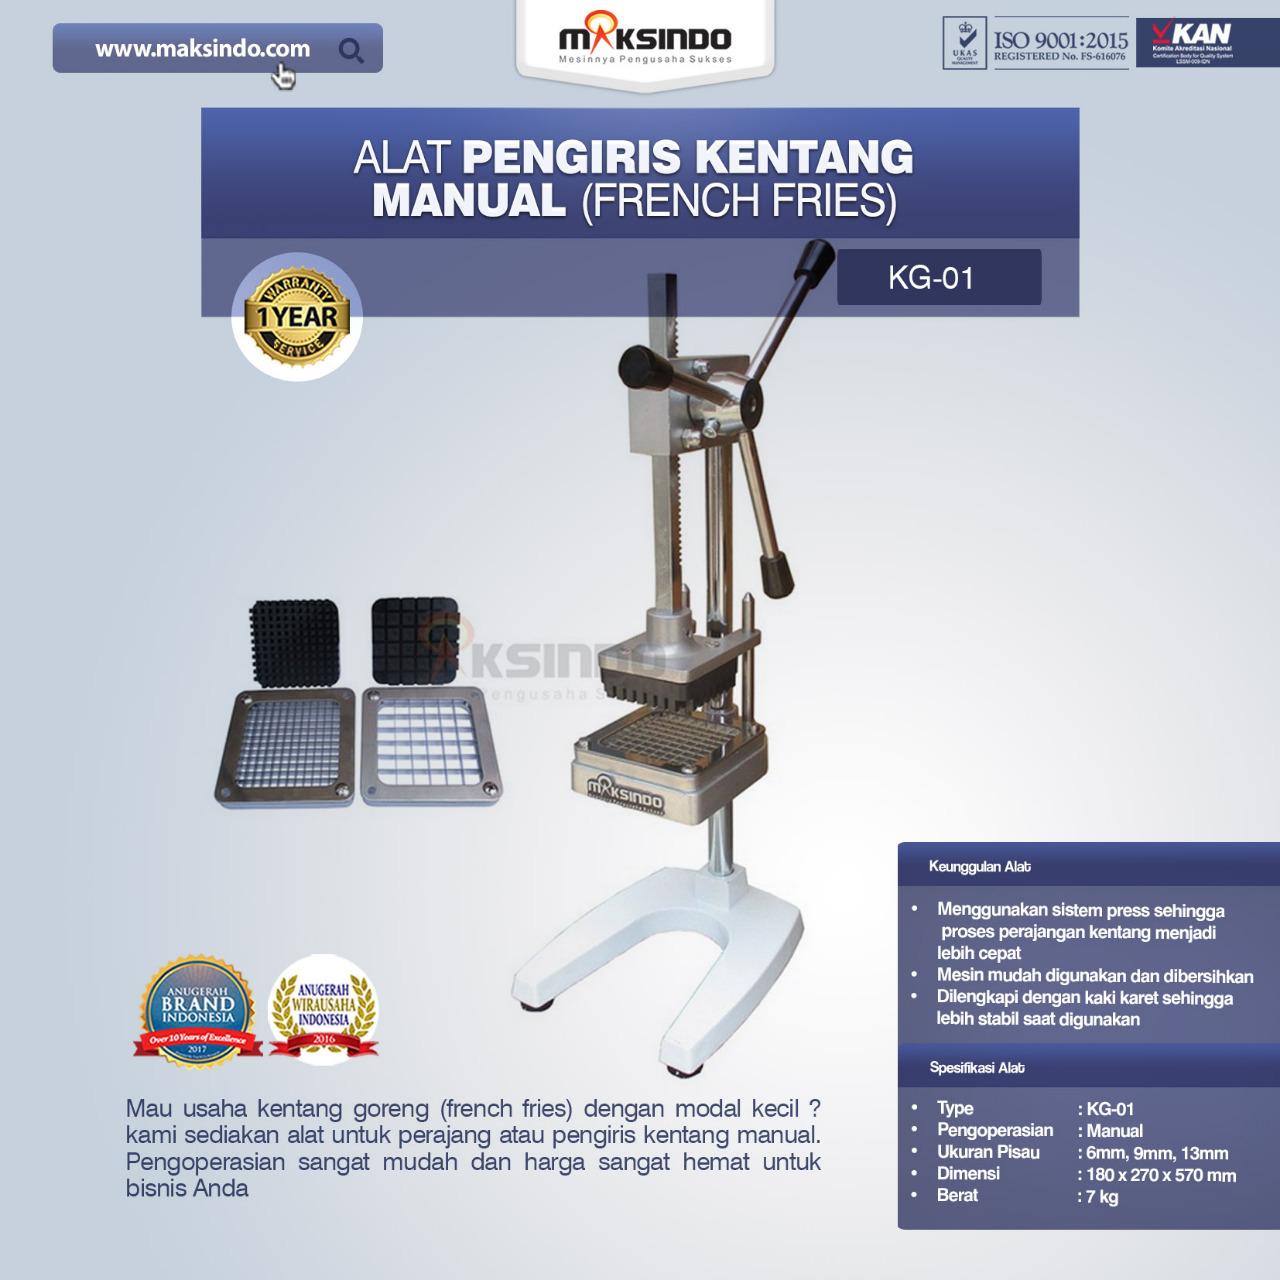 Jual Alat Pengiris Kentang Manual (french fries) di Palembang